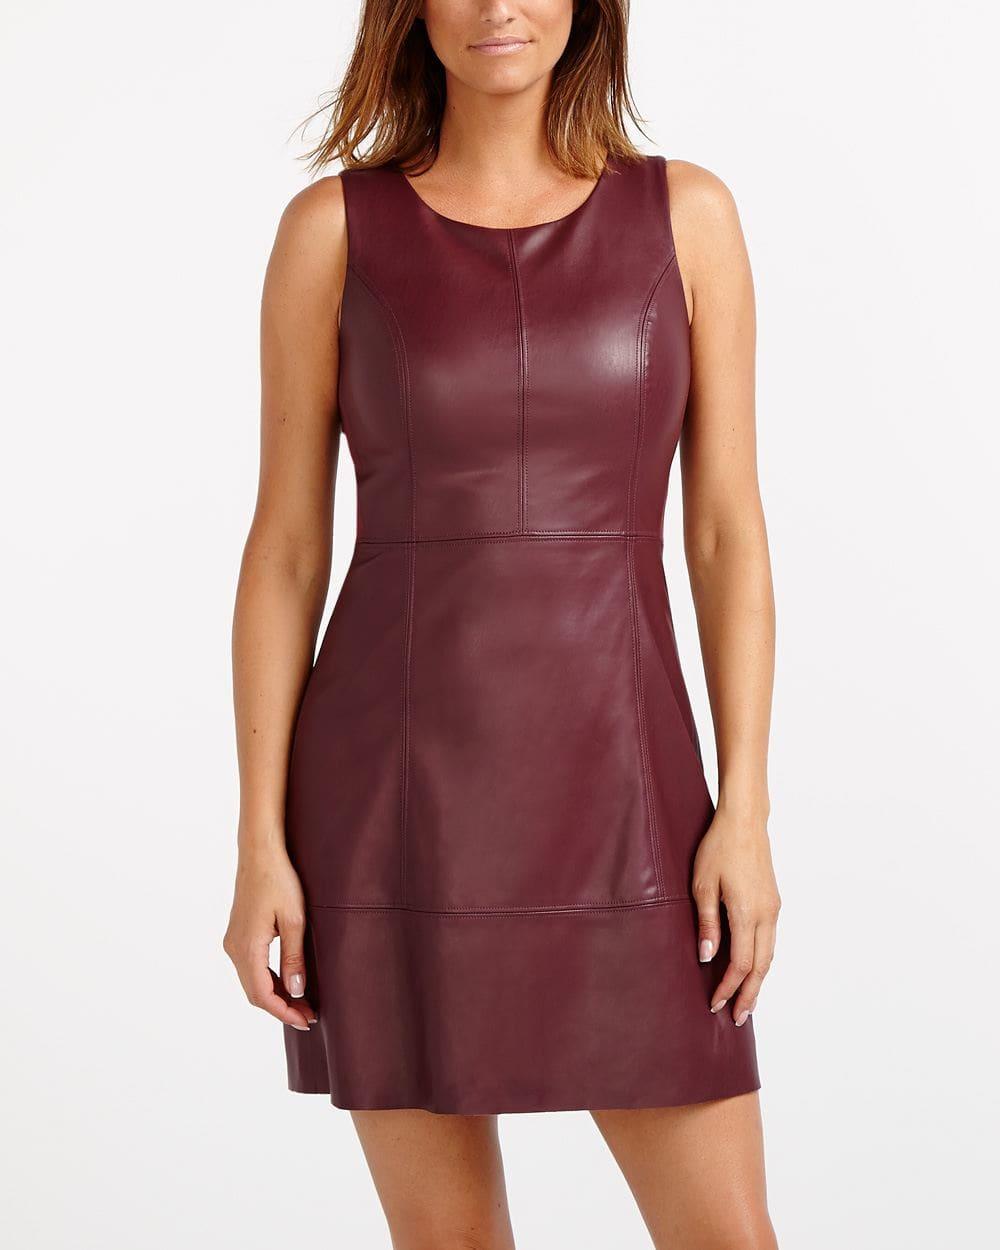 Faux Leather Scuba Dress